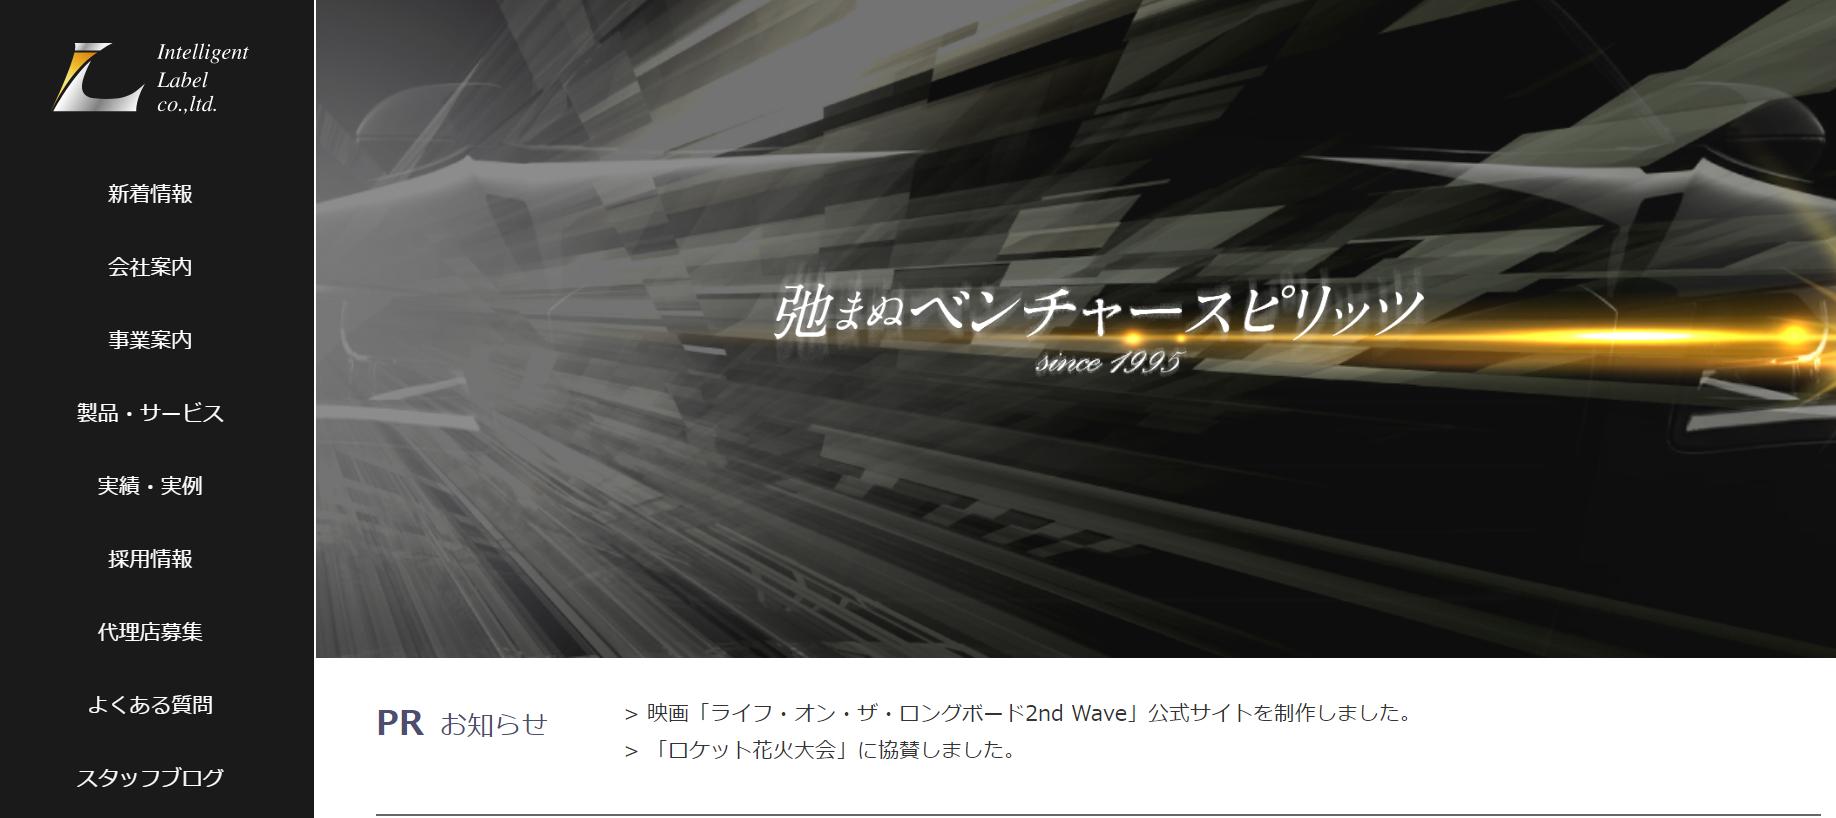 インテリジェントレーベル 株式会社 福岡本社企業 システム開発会社